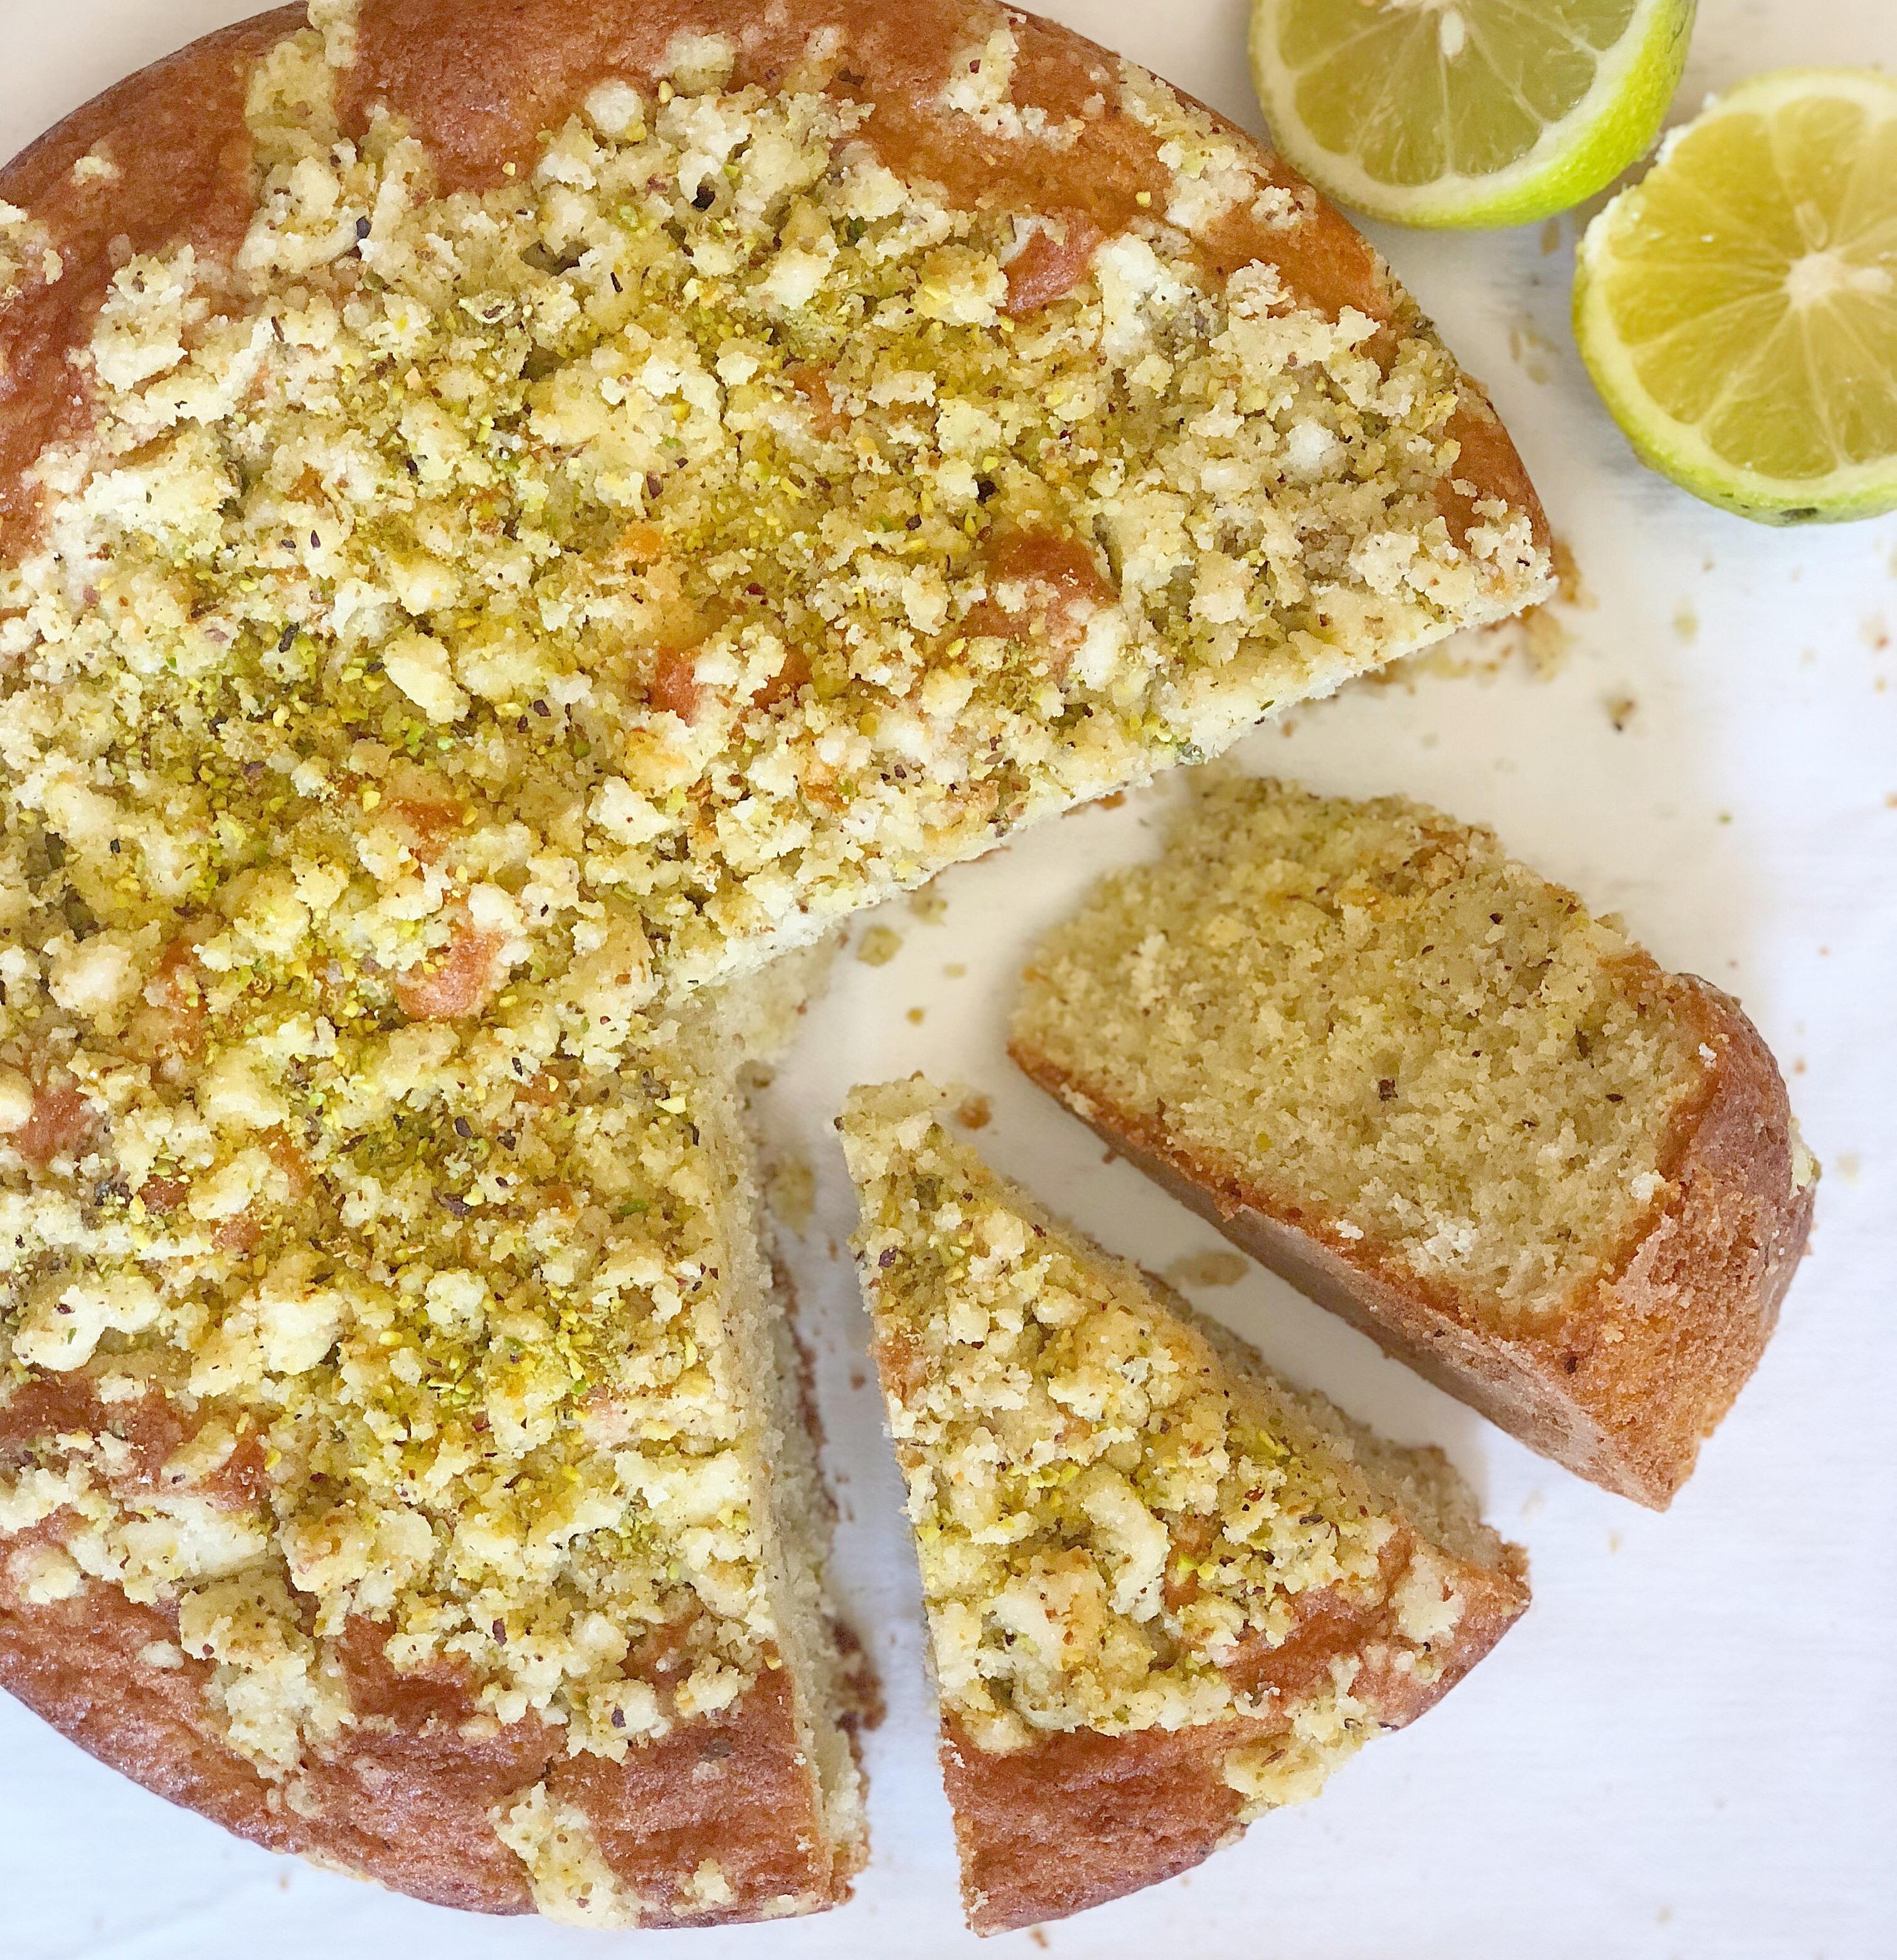 Torta al Pistacchio e Limone Senza Burro è un dolce semplice ma sfizioso di dolci senza burro